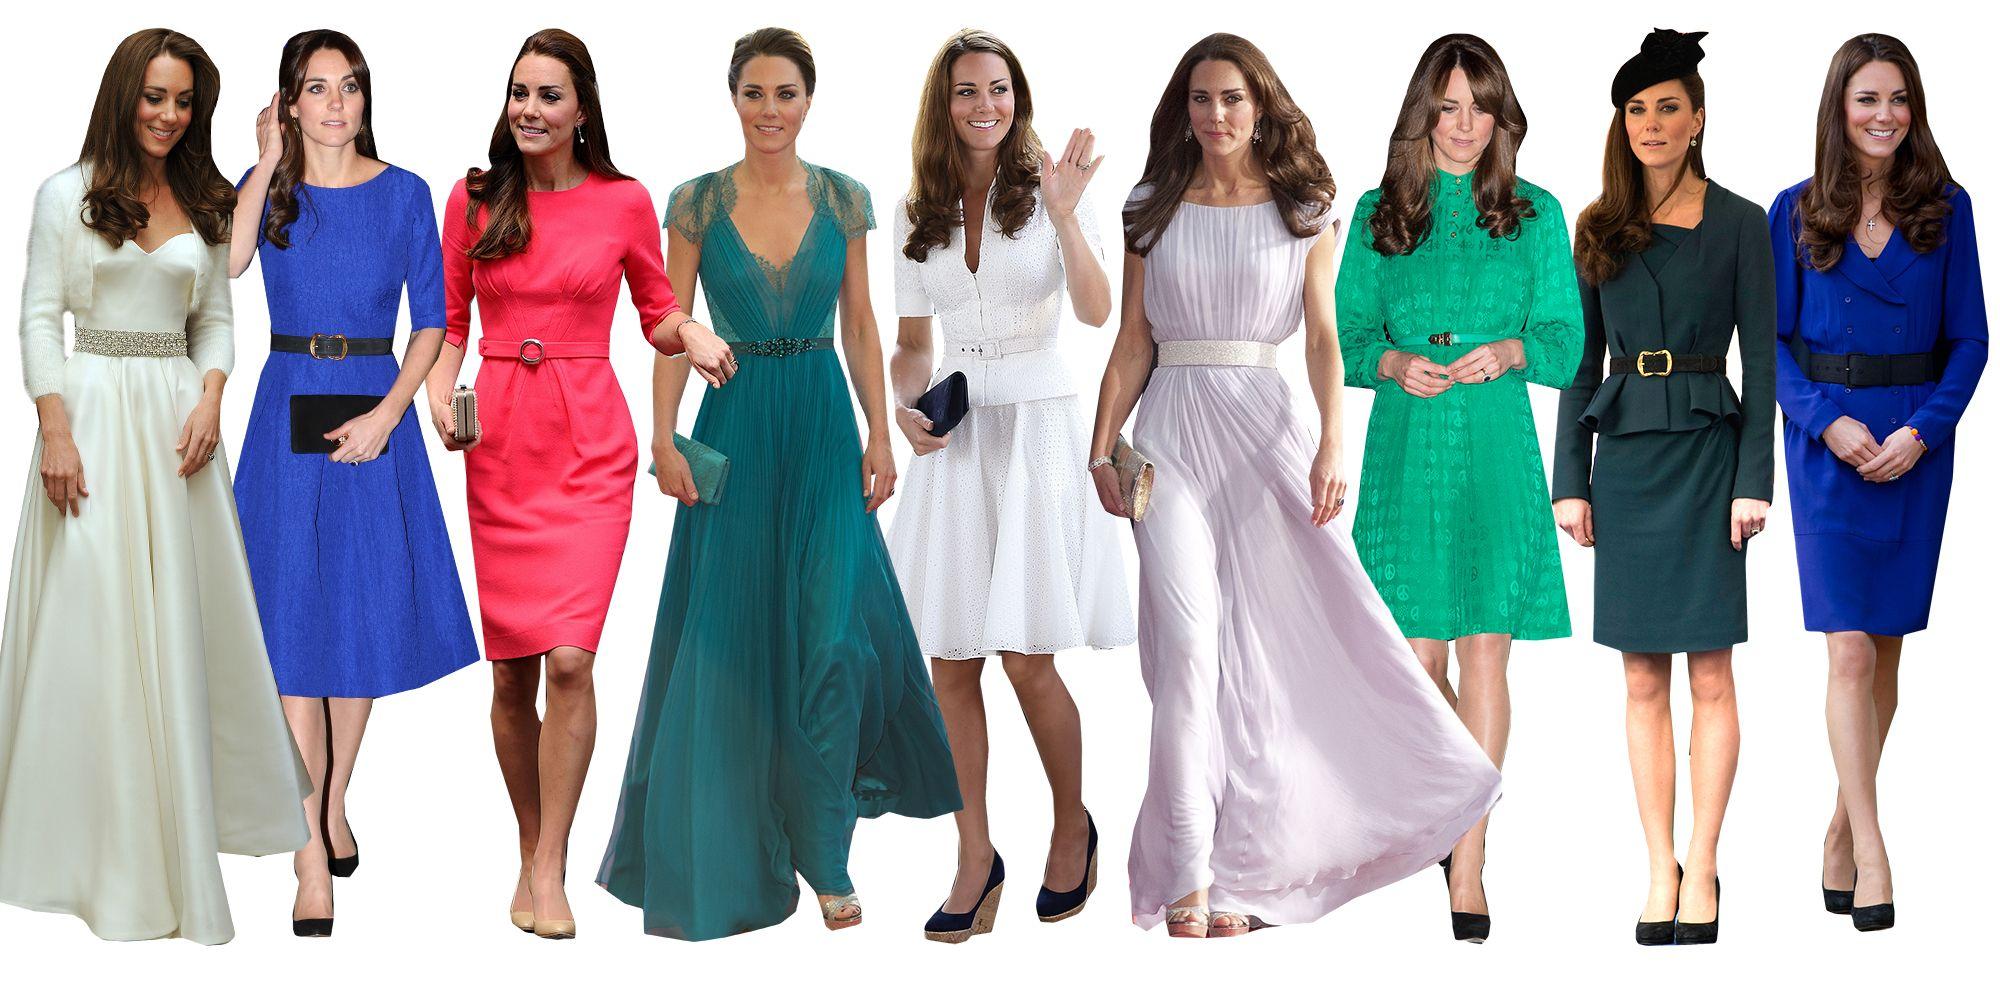 <p>In realtà, la cintura non è un must have solo per i cappotti ma anche per ogni look della duchessa. La seconda regola dello stile firmato Kate Middleton è «avere sempre la cintura» da indossare sia su un middle dress che su abiti da cerimonia. Cosa possiamo dire? La principessa ama valorizzare la vita!</p>